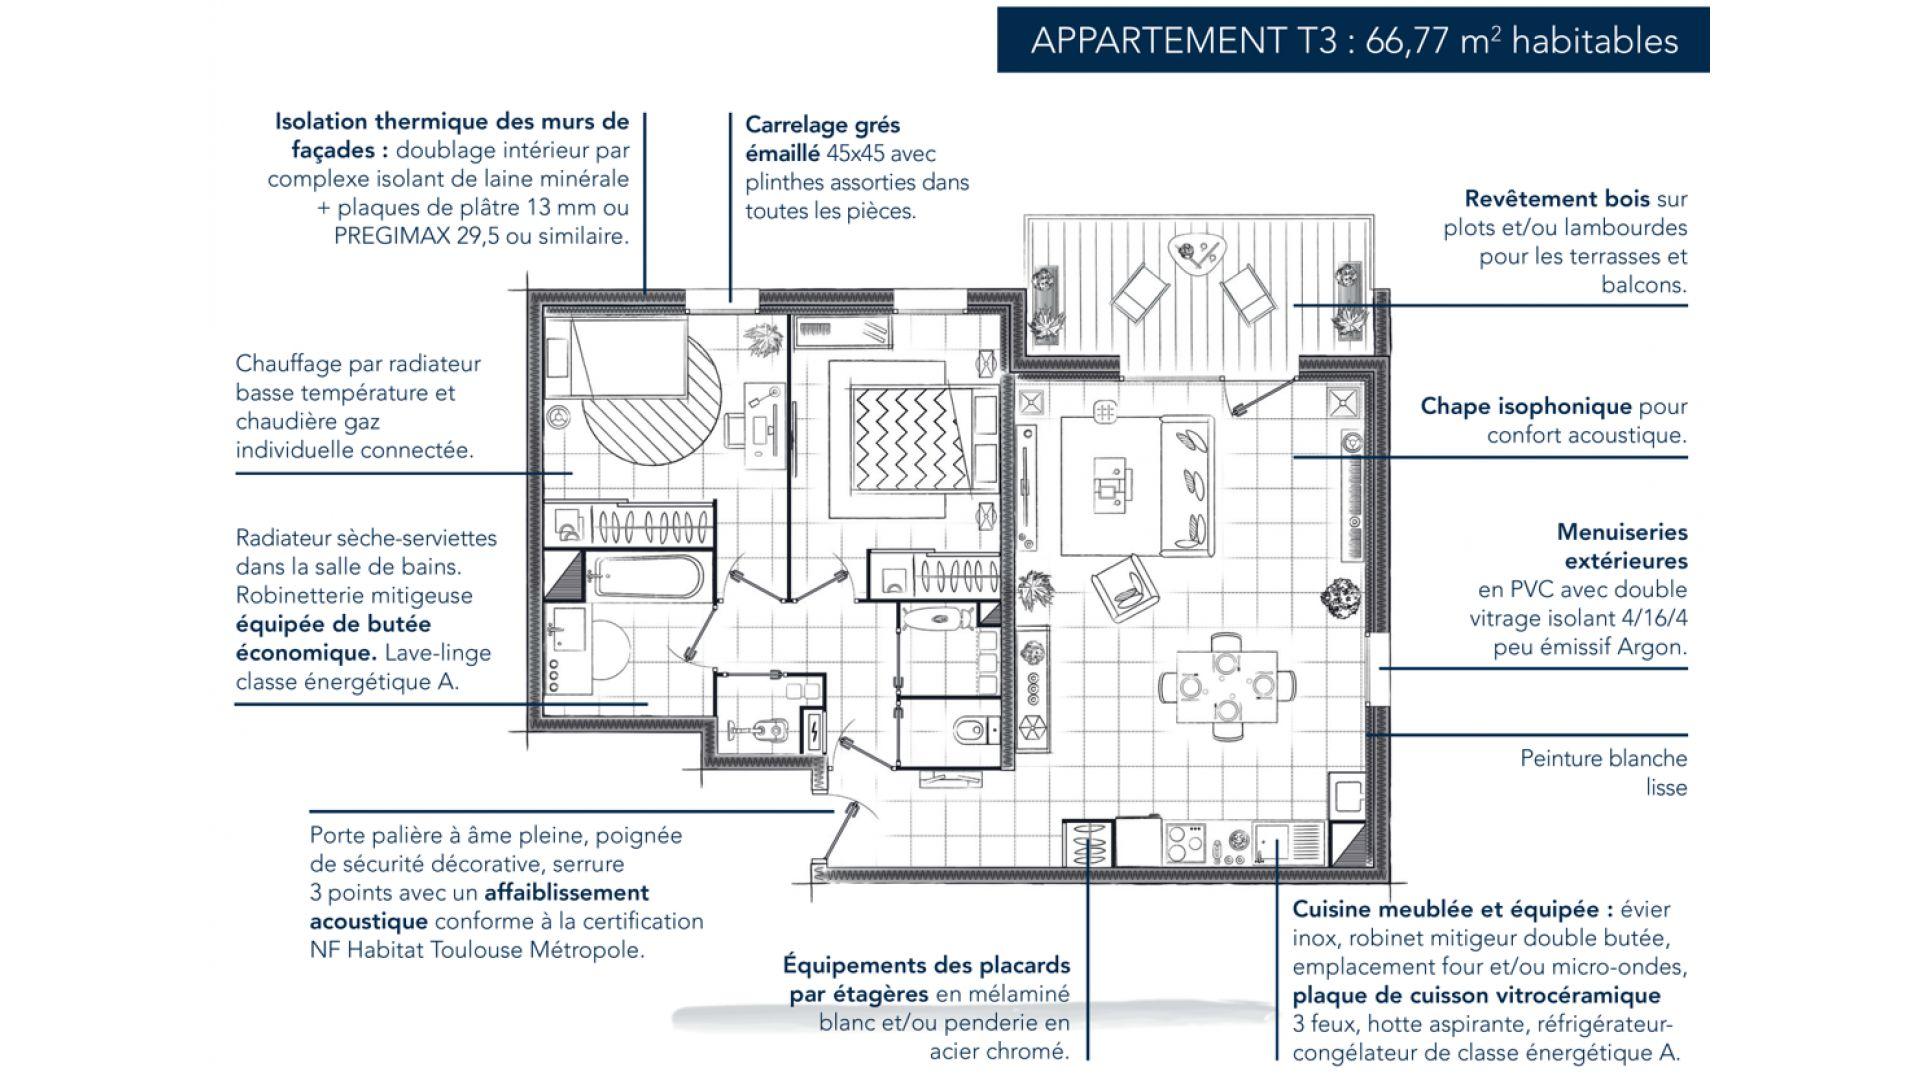 Greencity Immobilier - Résidence Les Camélias - Toulouse Croix Daurade 31200 - à vendre appartements - immobilier neuf du T2 au T4 Duplex - plan T3